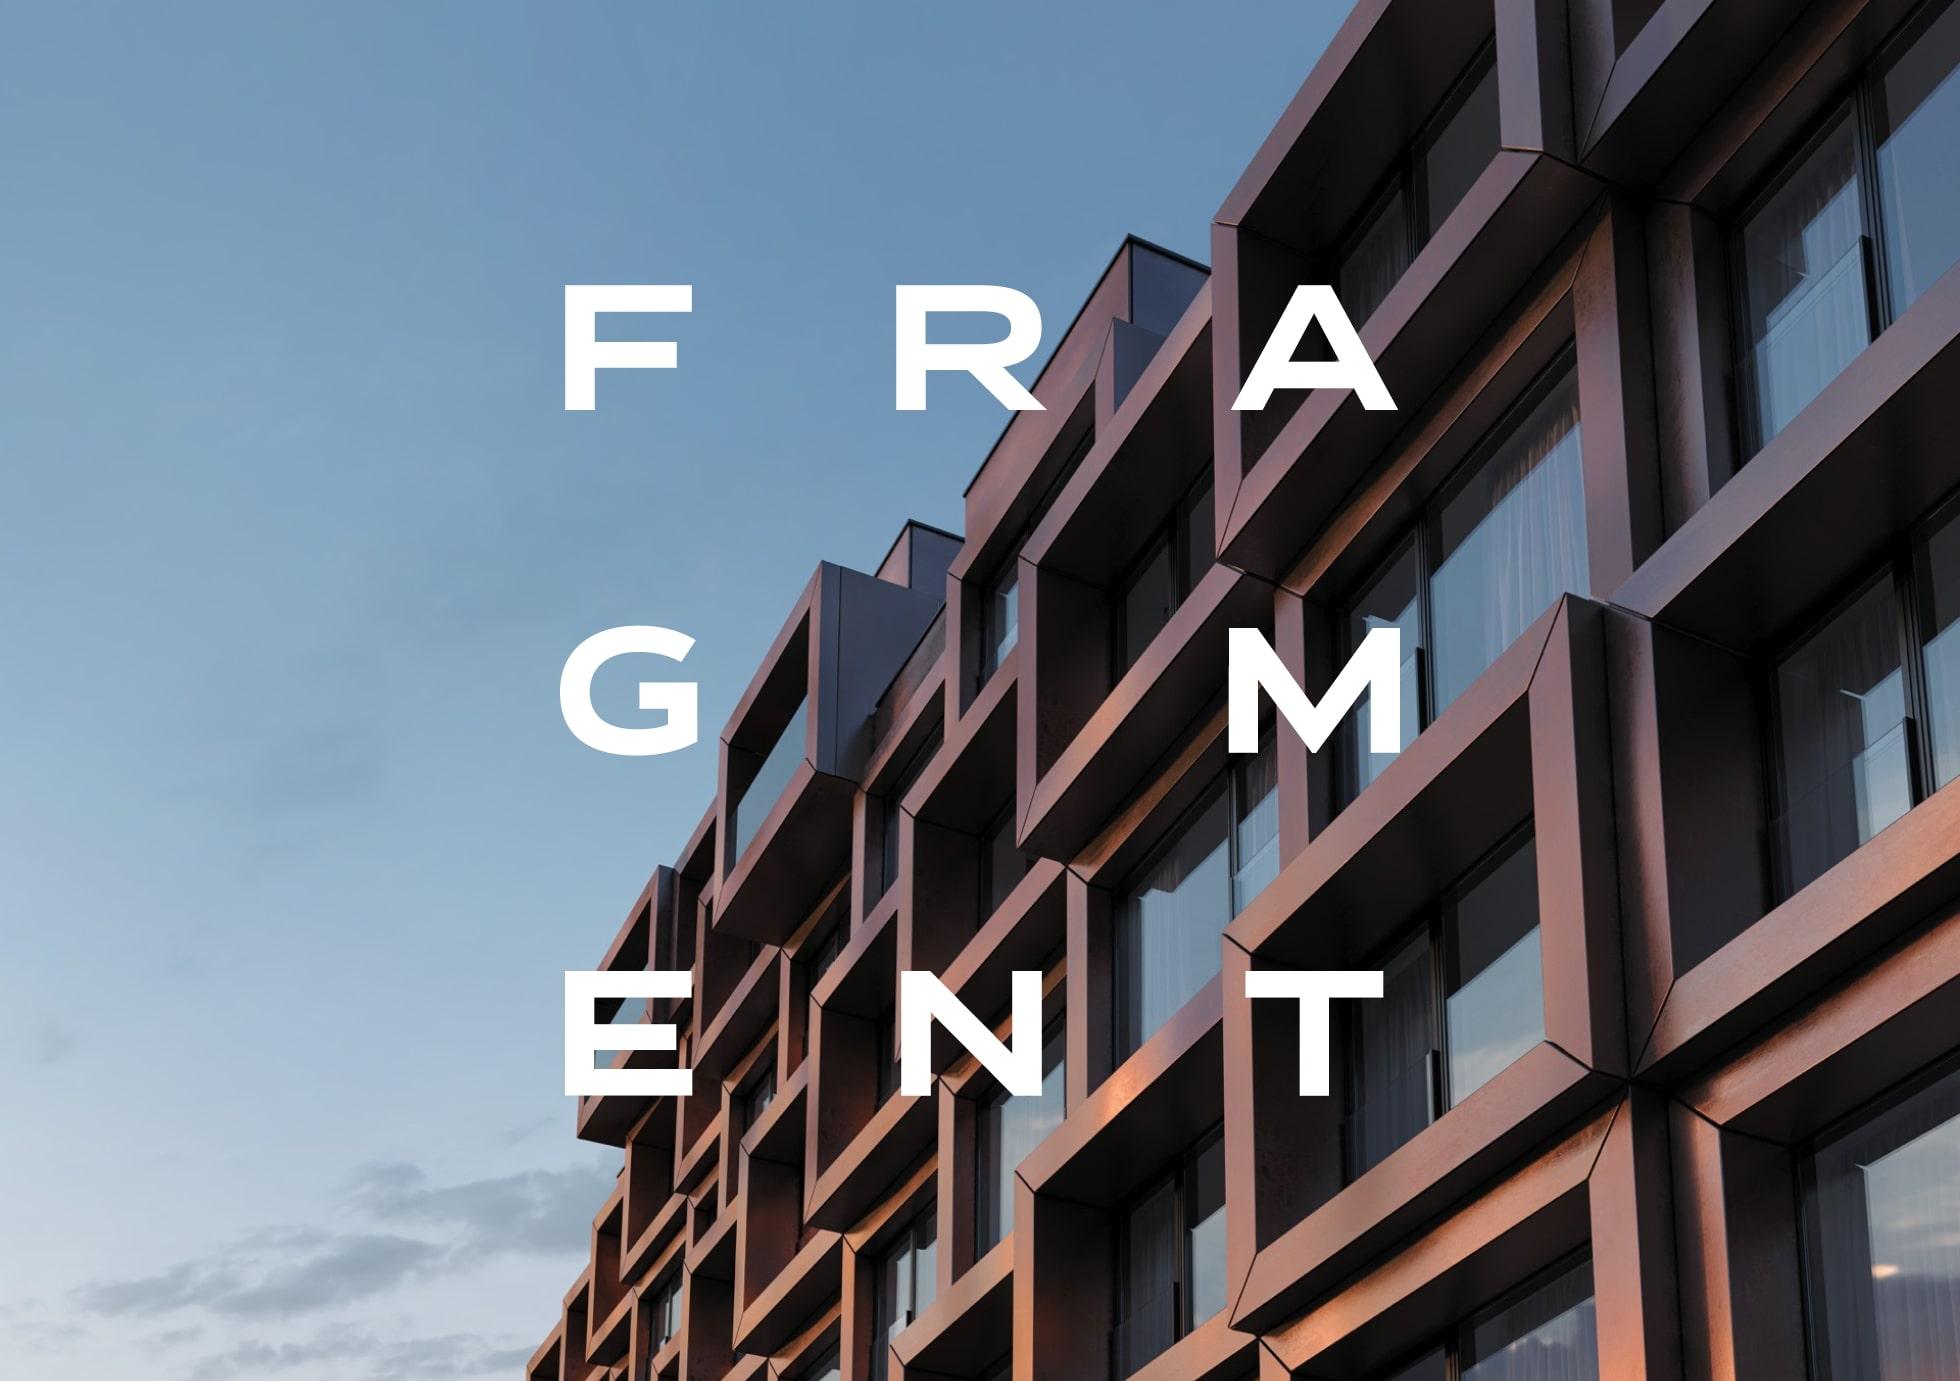 residential_fragmnt_logo